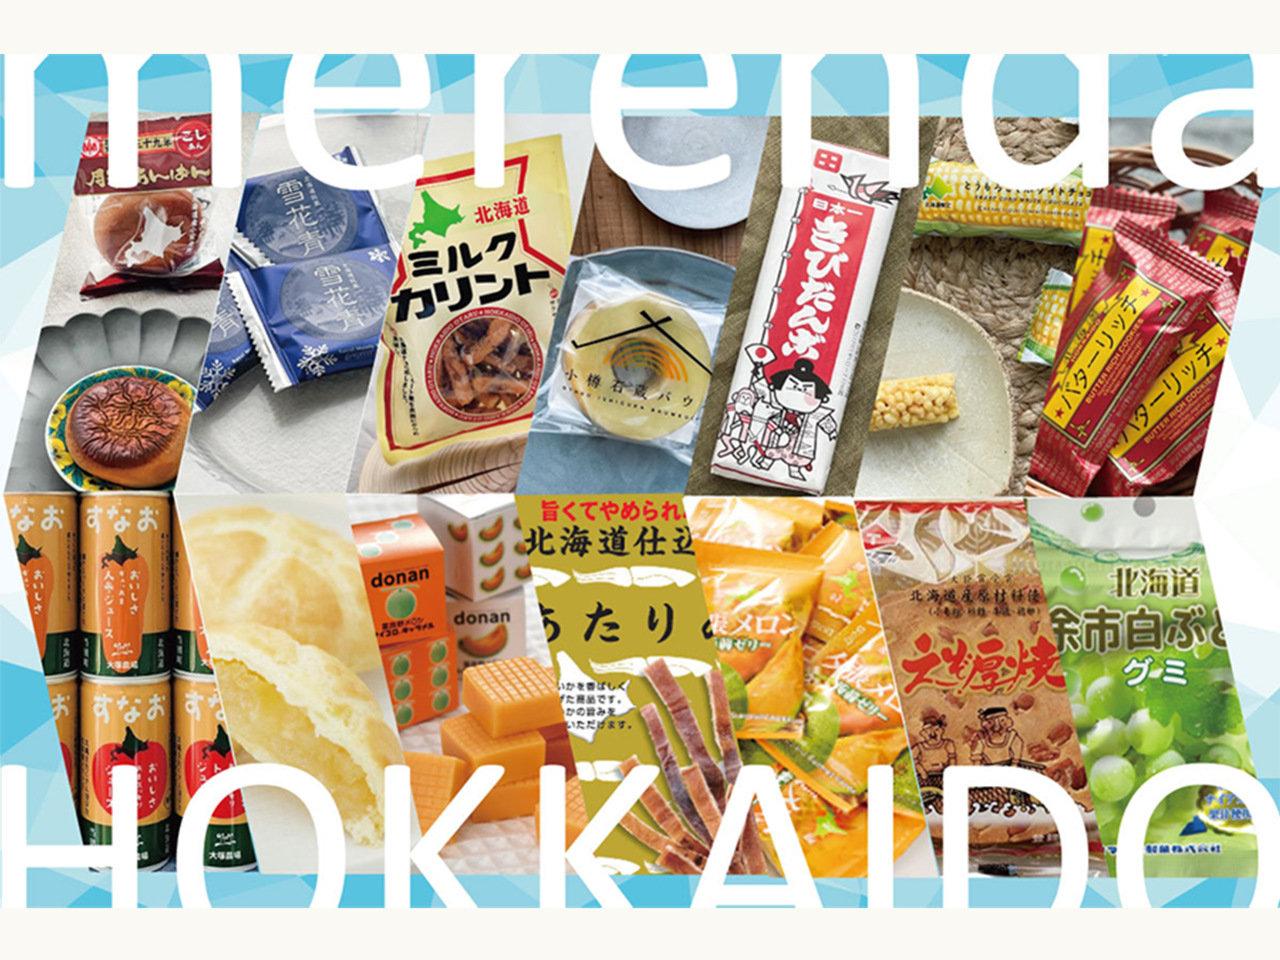 全国の銘菓・お菓子の詰め合わせBOX【merenda(メレンダ)】第3弾【北海道フェア】販売